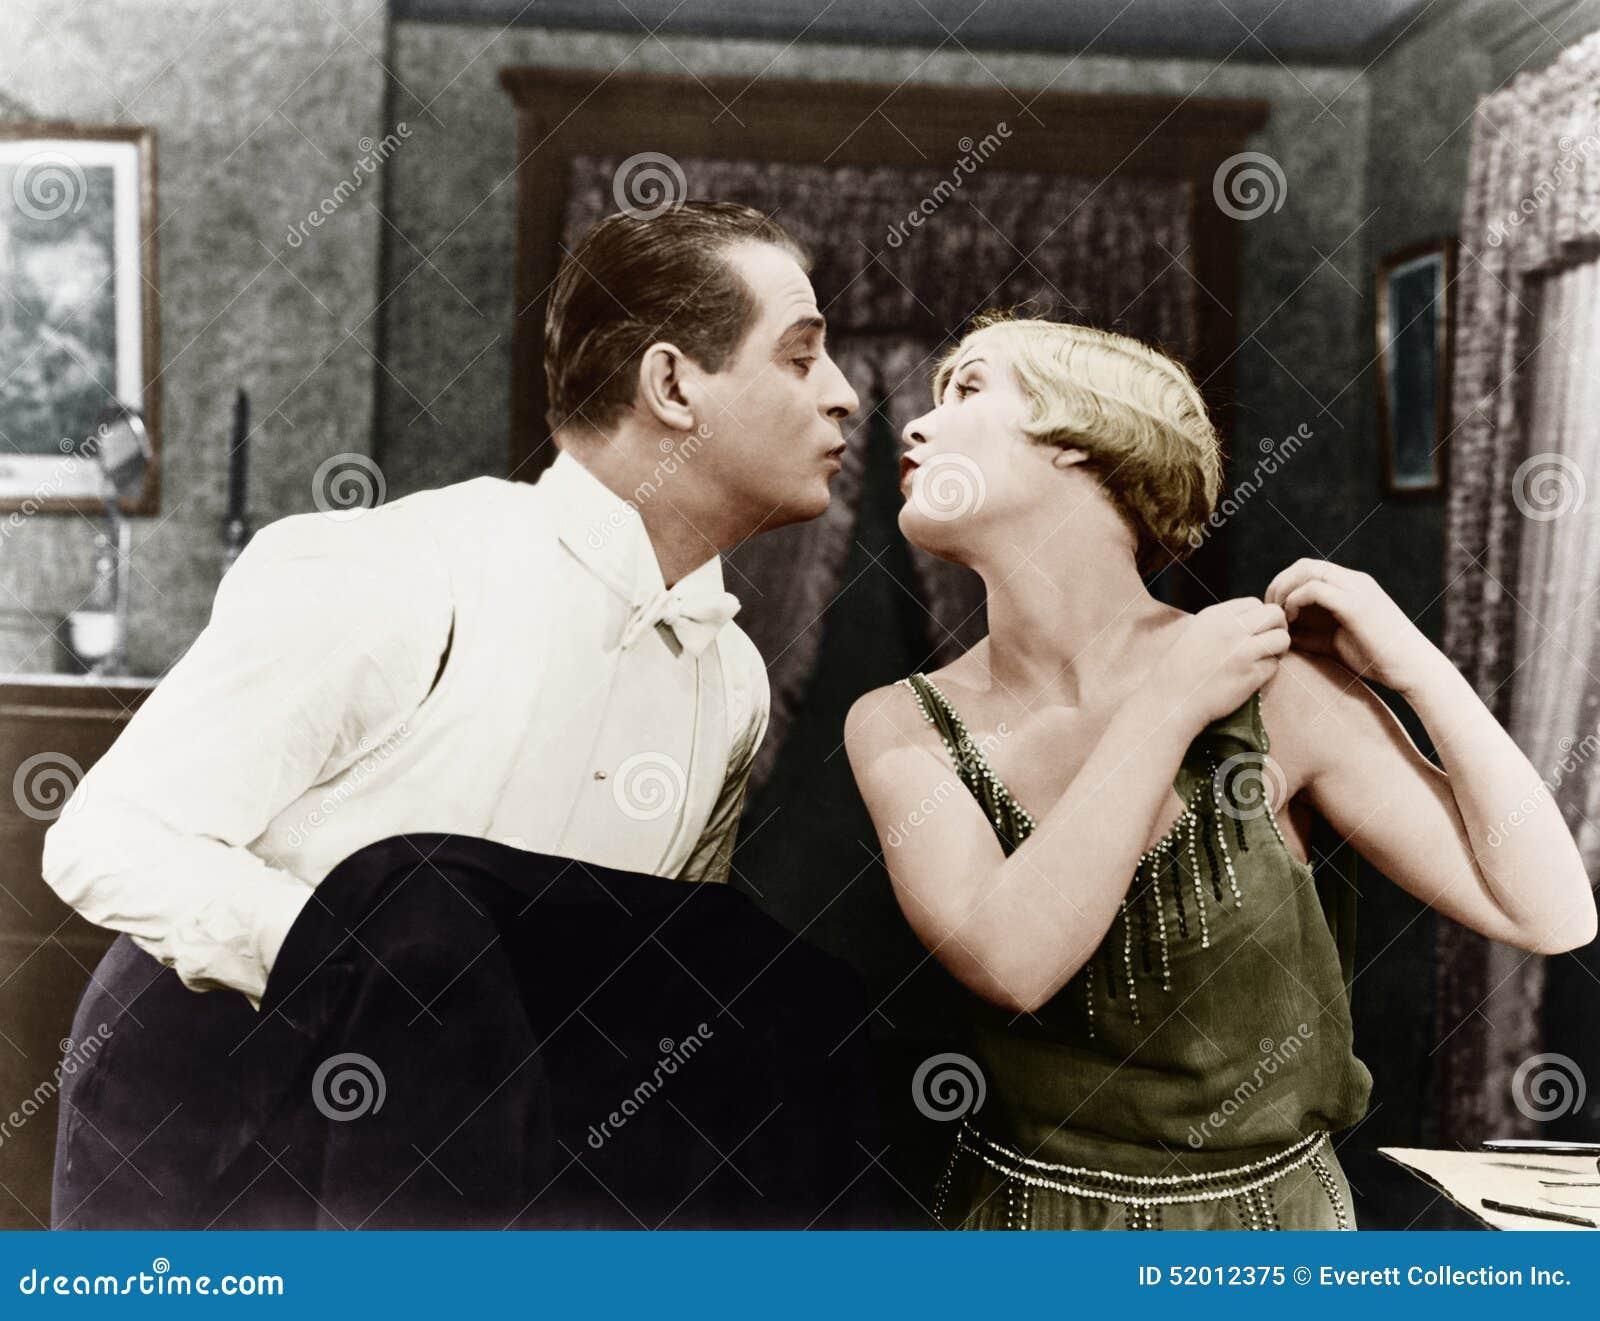 Całować pary (Wszystkie persons przedstawiający no są długiego utrzymania i żadny nieruchomość istnieje Dostawca gwarancje że tam